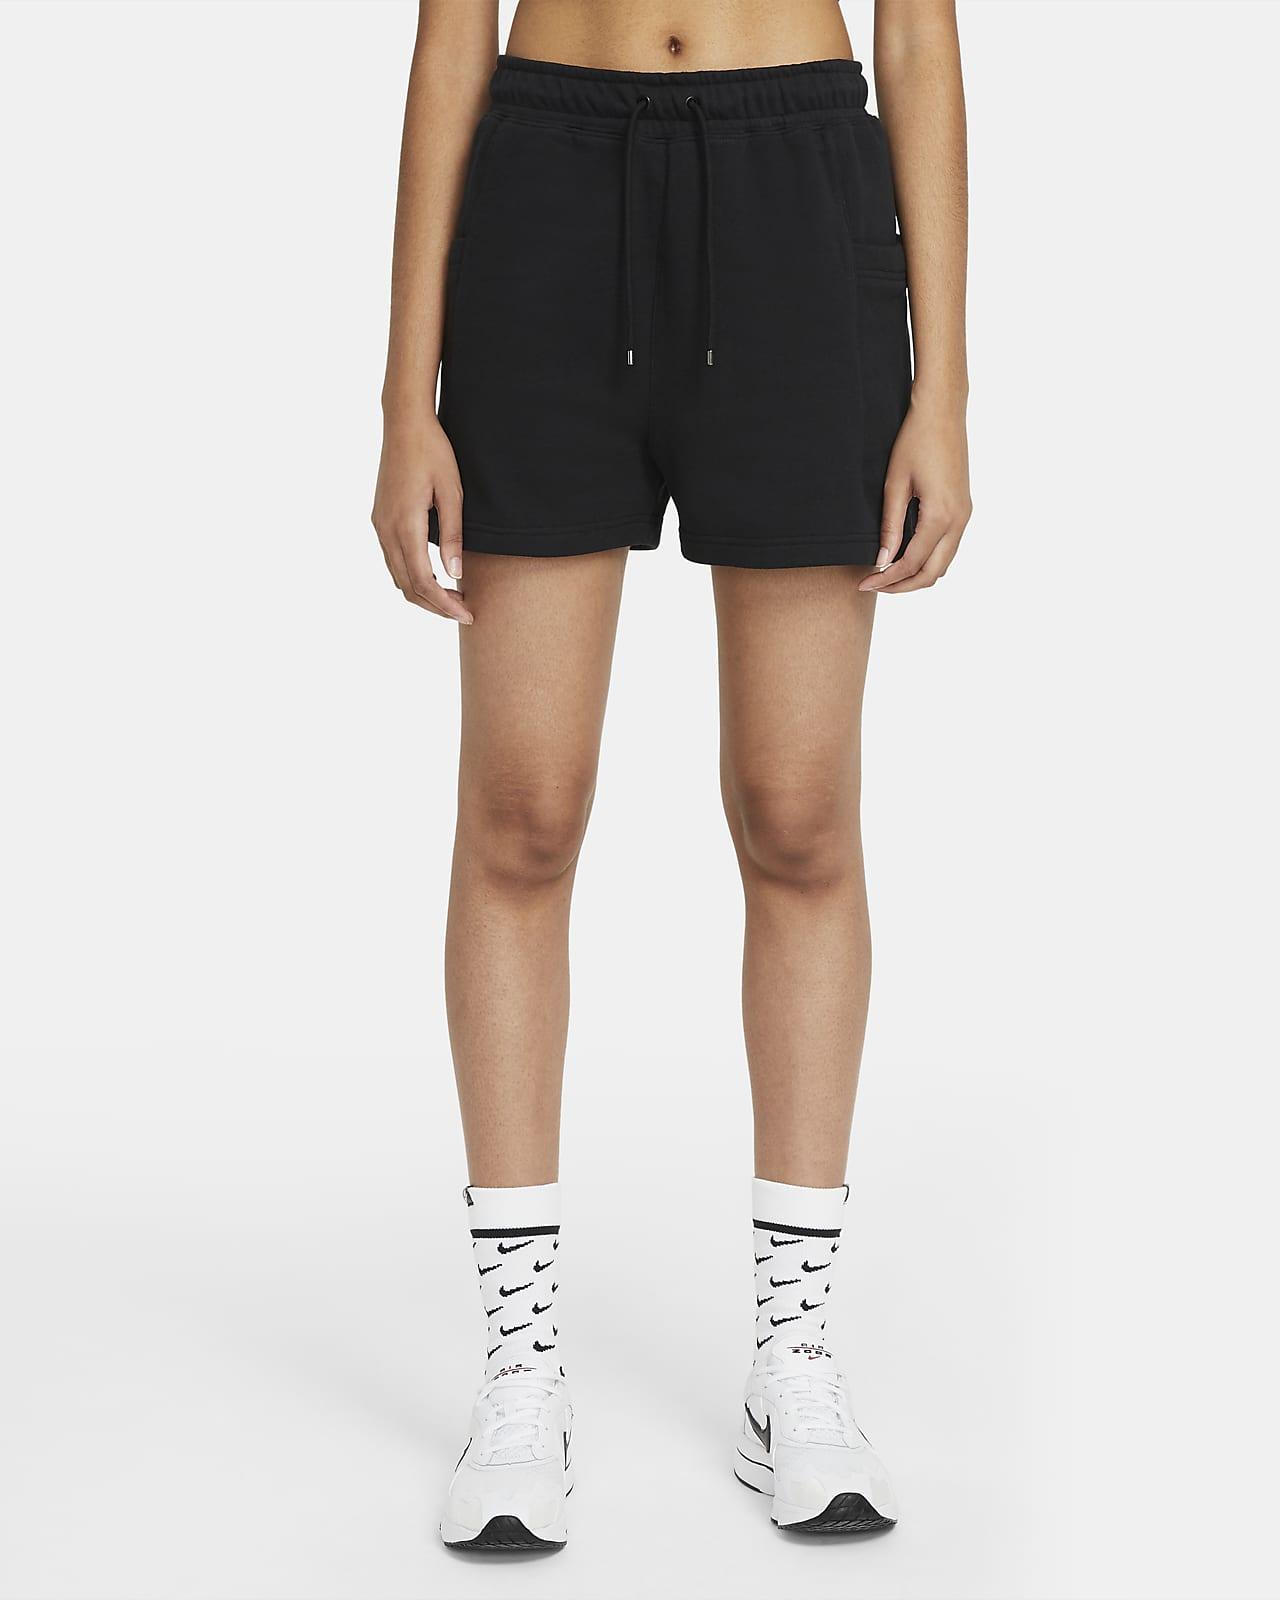 Nike Air Women's Fleece Shorts